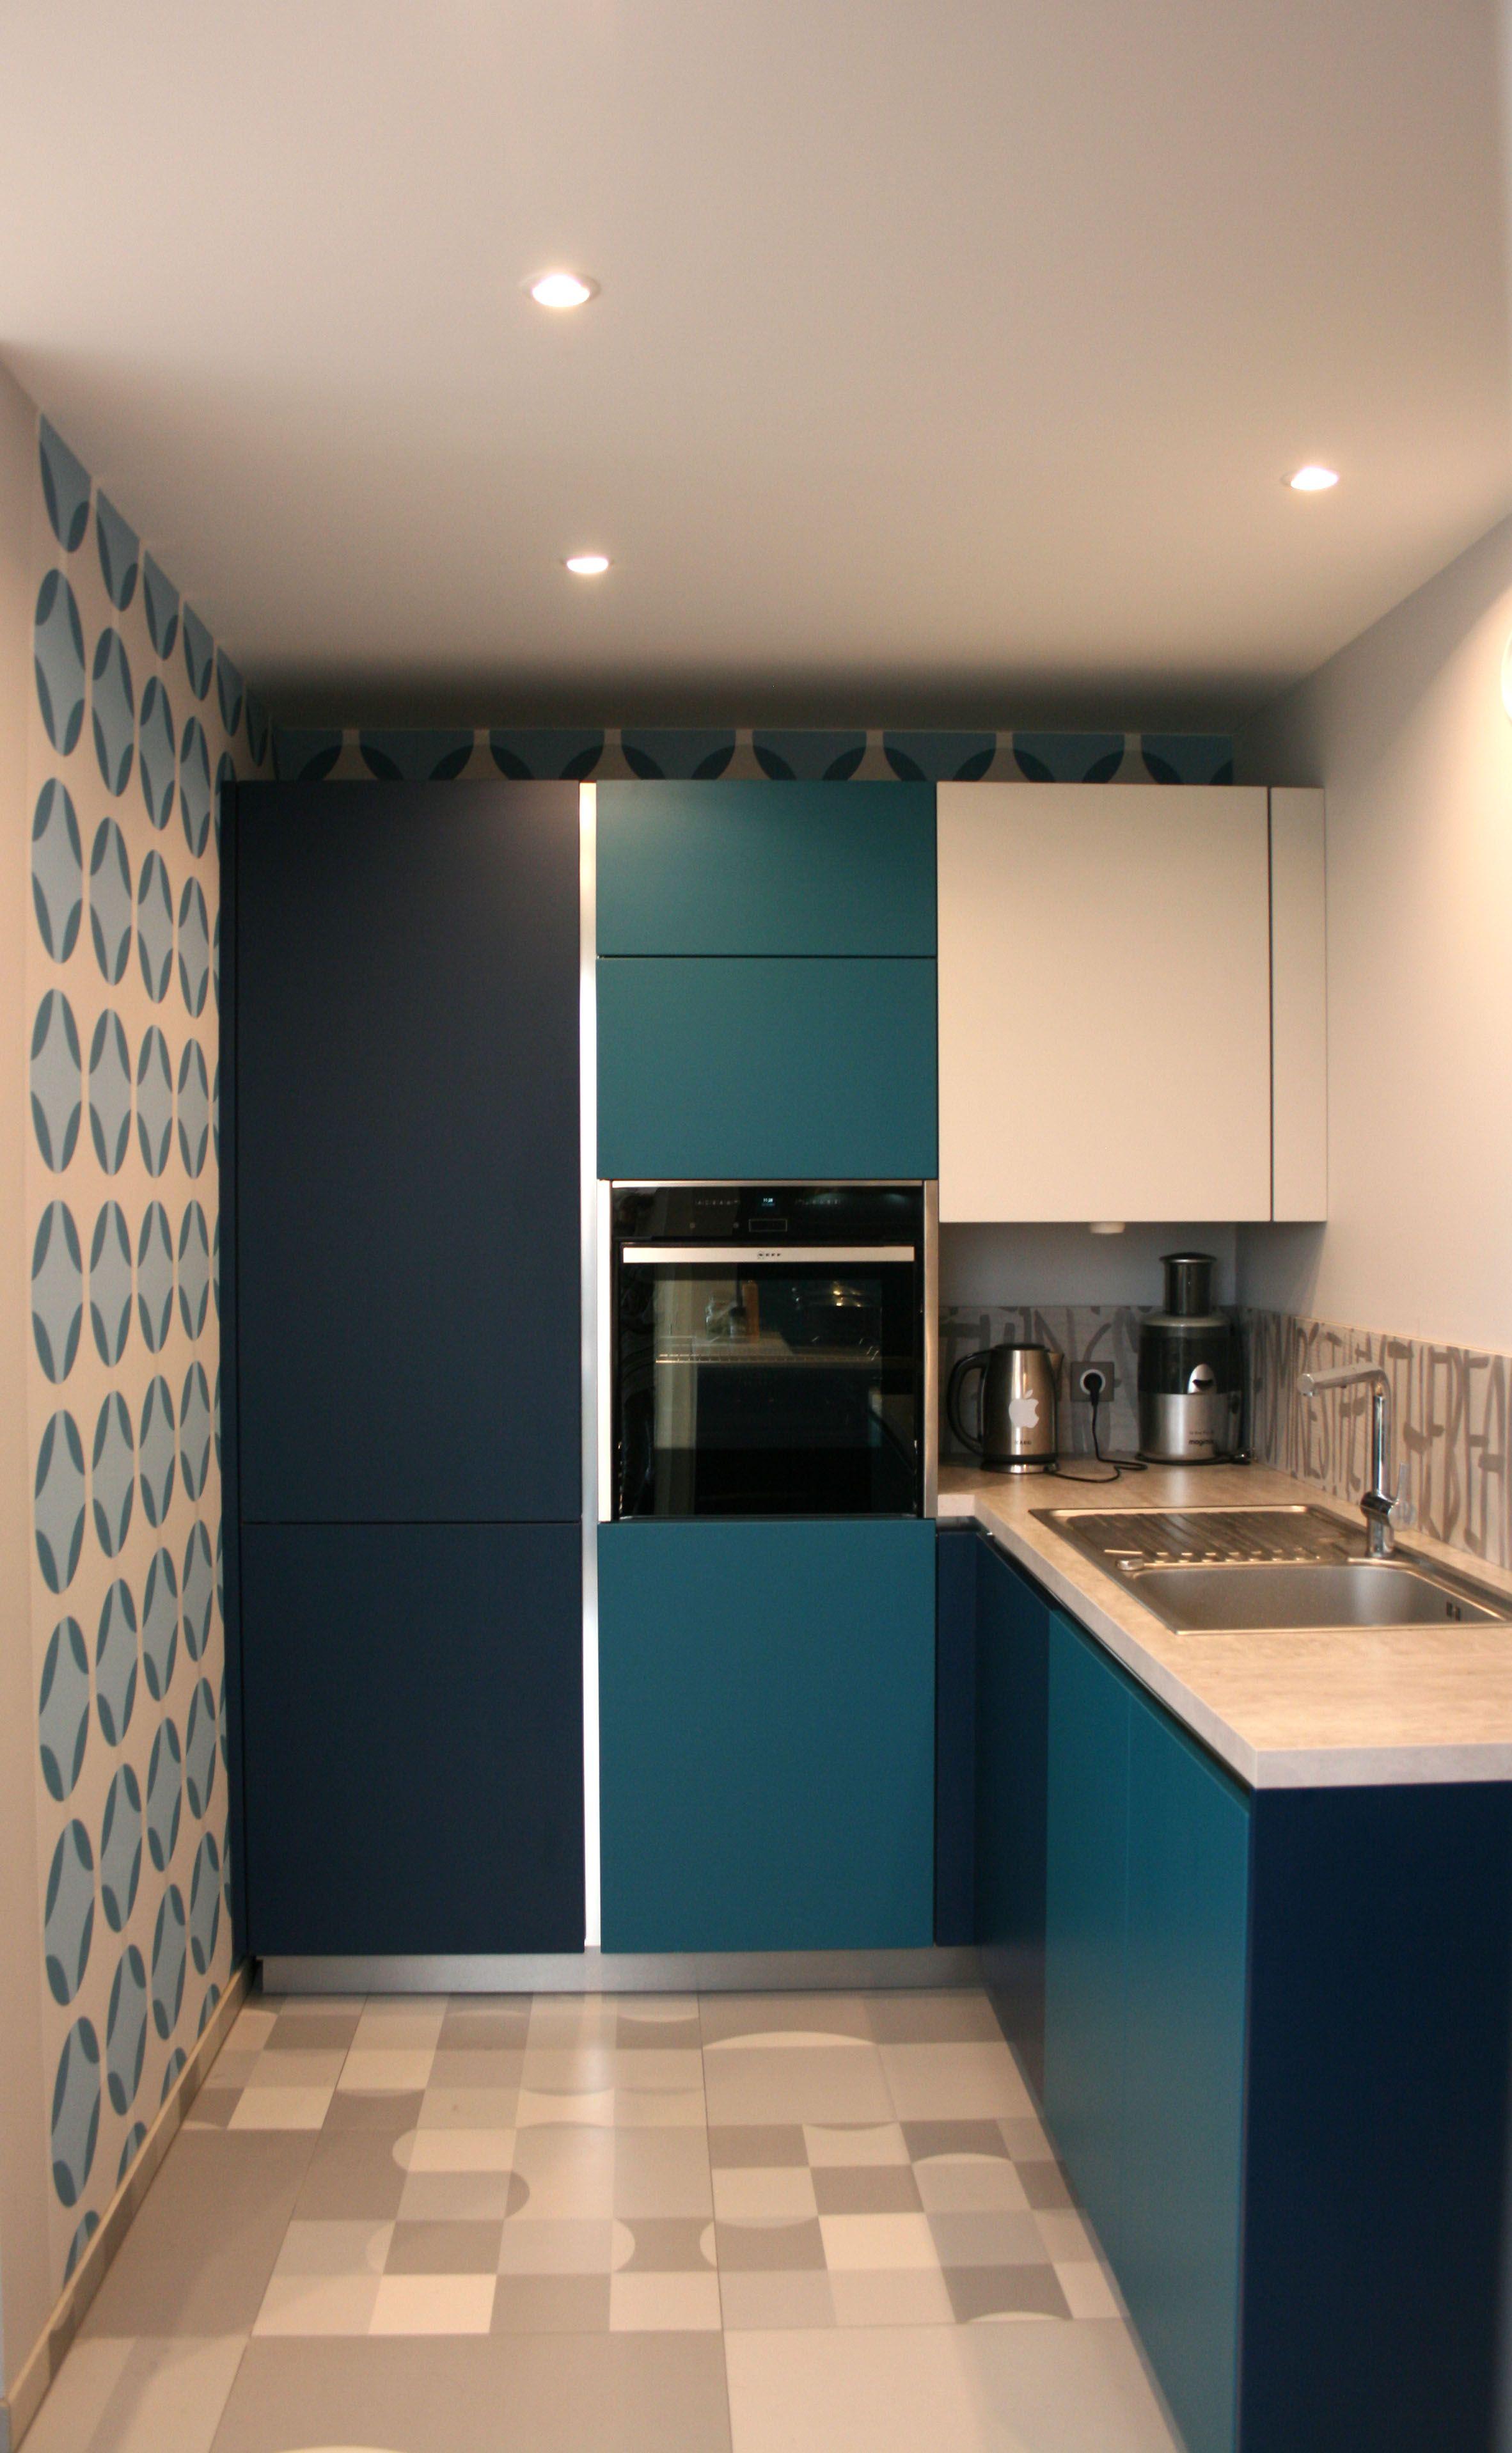 Rénovation cuisine - Bleu nocturne, Bleu canard, Gris, Papier peint ...